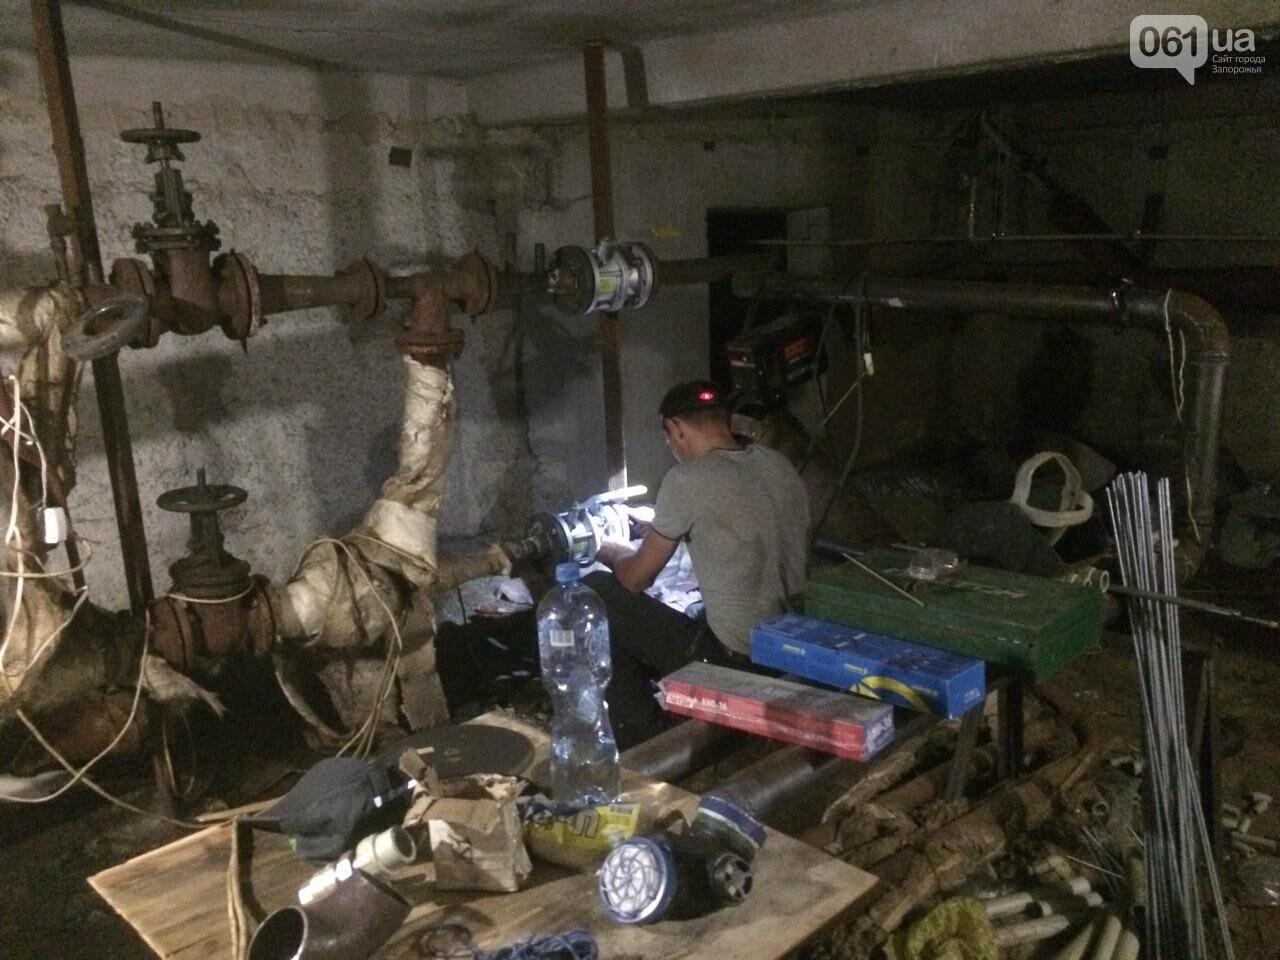 Председатель ОСМД: «С тарифами «Наш Дом Запорожье» мне не стыдно перед жильцами дома», фото-6